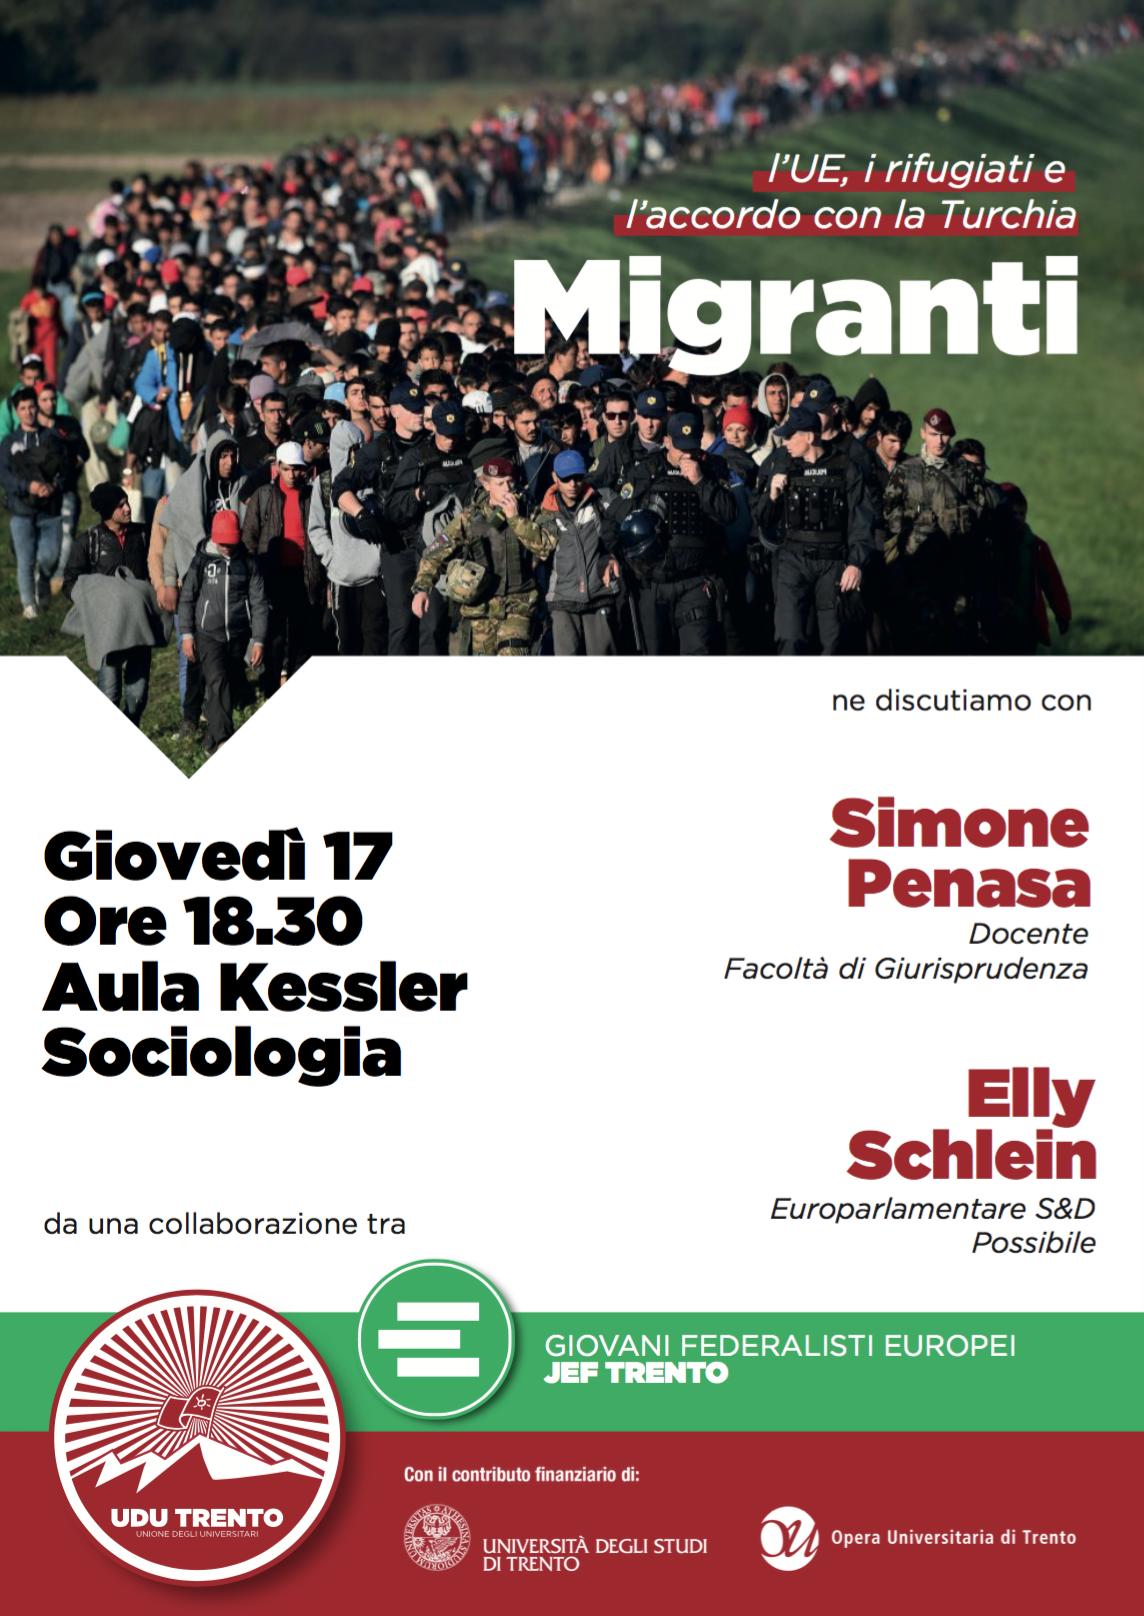 MIGRANTI - L'UE, i rifugiati e l'accordo con la Turchia